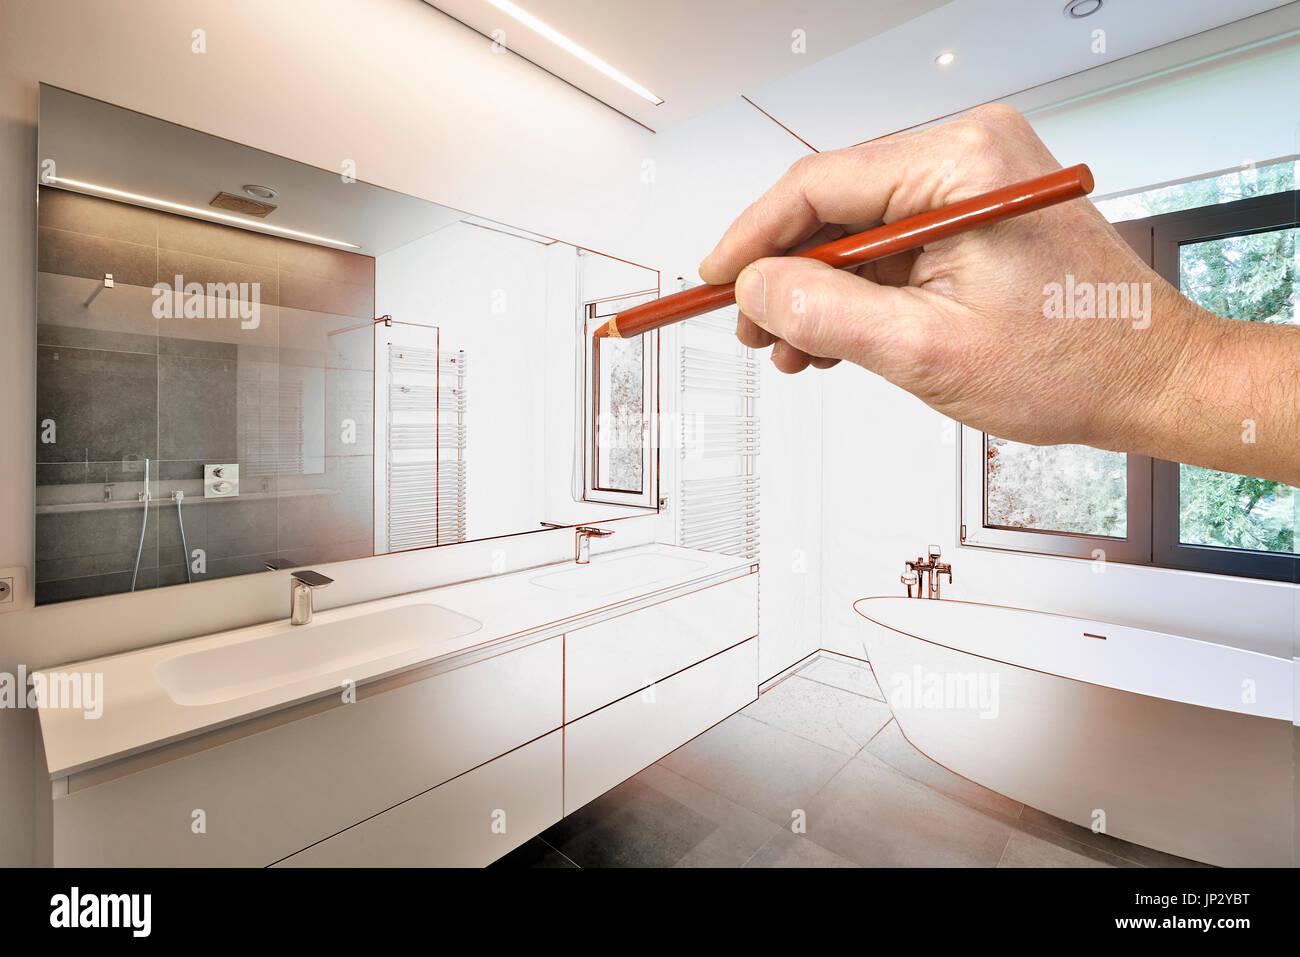 Zeichnung Sanierung Ein Modernes Luxus Bad, Badewanne In Corian, Wasserhahn  Und Dusche Im Badezimmer Mit Fenster Zum Garten